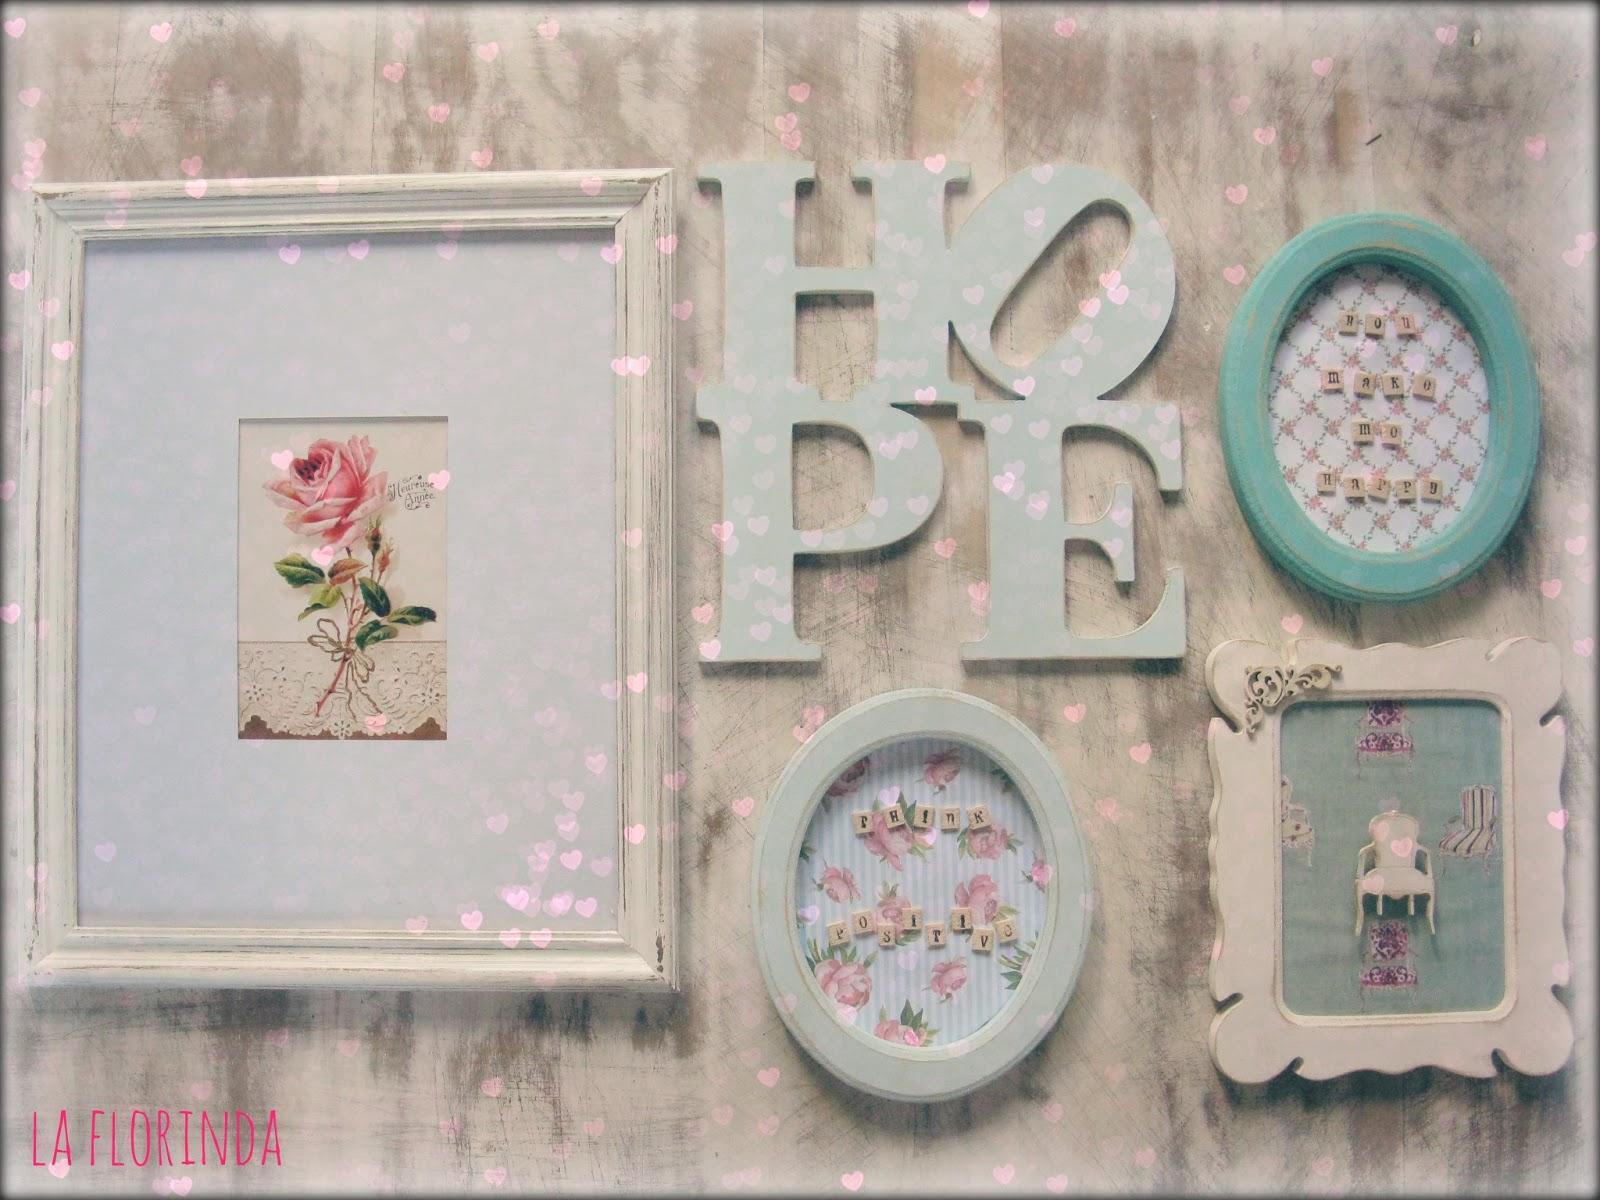 Tienda la florinda composici n para pared - Composicion marcos pared ...